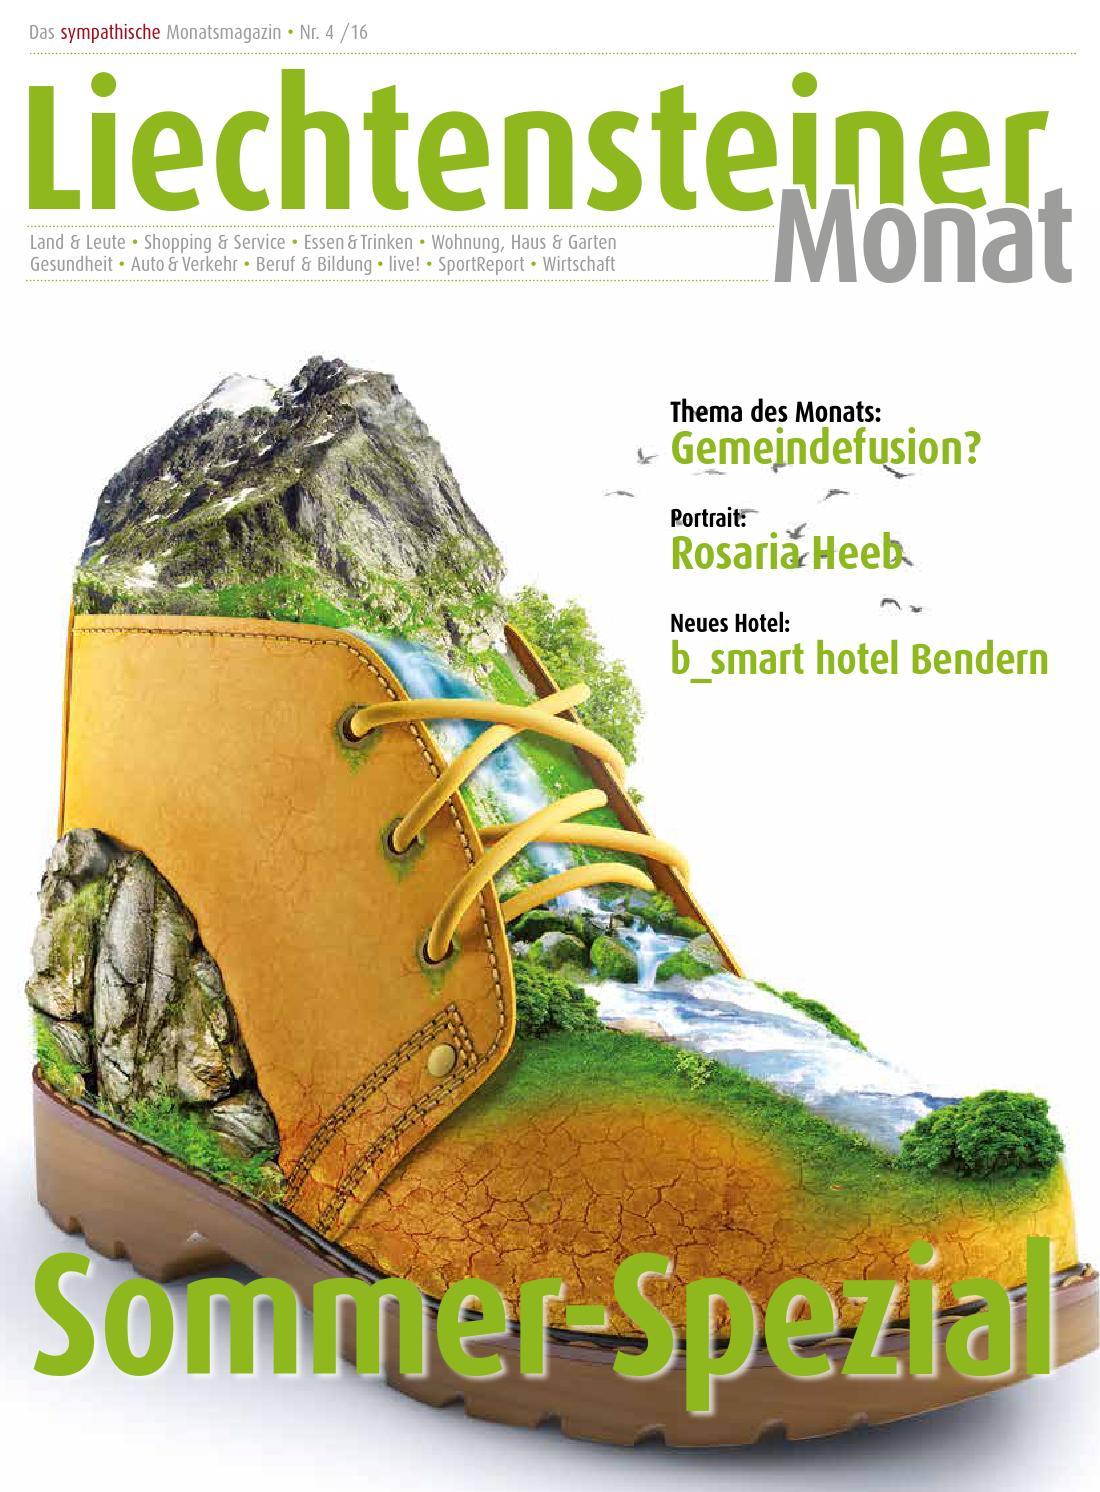 Liechtensteiner Monat 4/2016 by Alpenland-Verlag - issuu